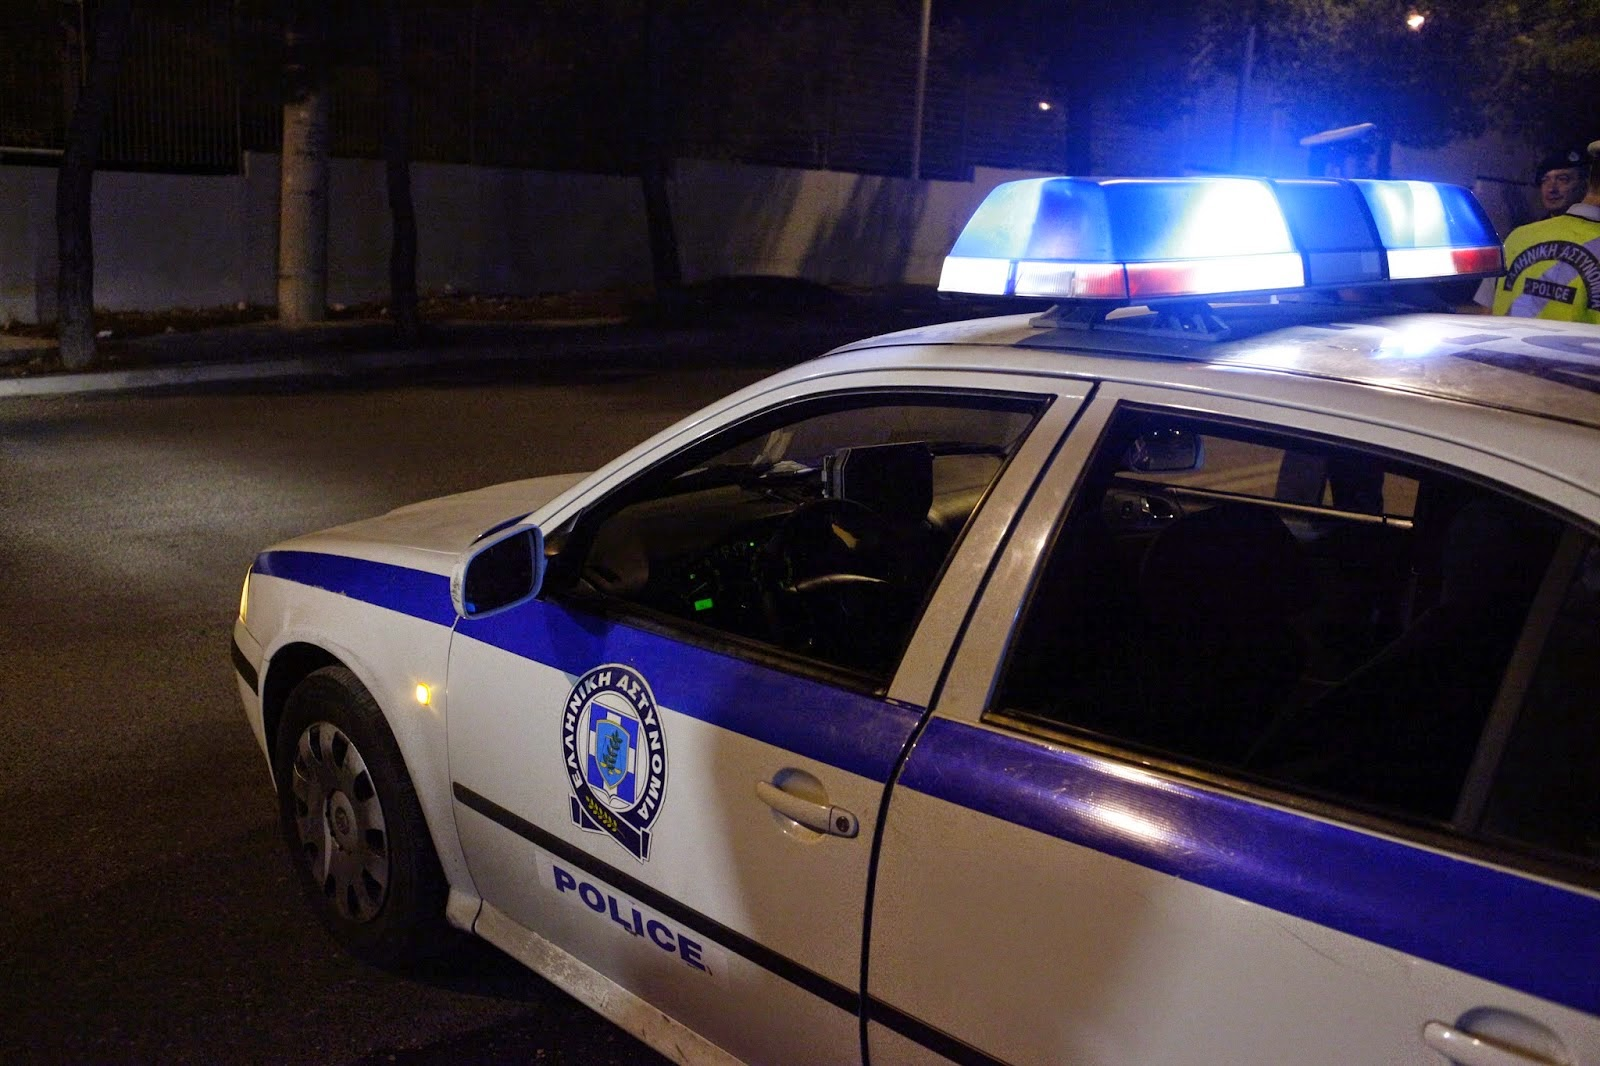 Κυψέλη: Συνελήφθη 25χρονος για την επίθεση με το καυστικό υγρό σε έγκυο